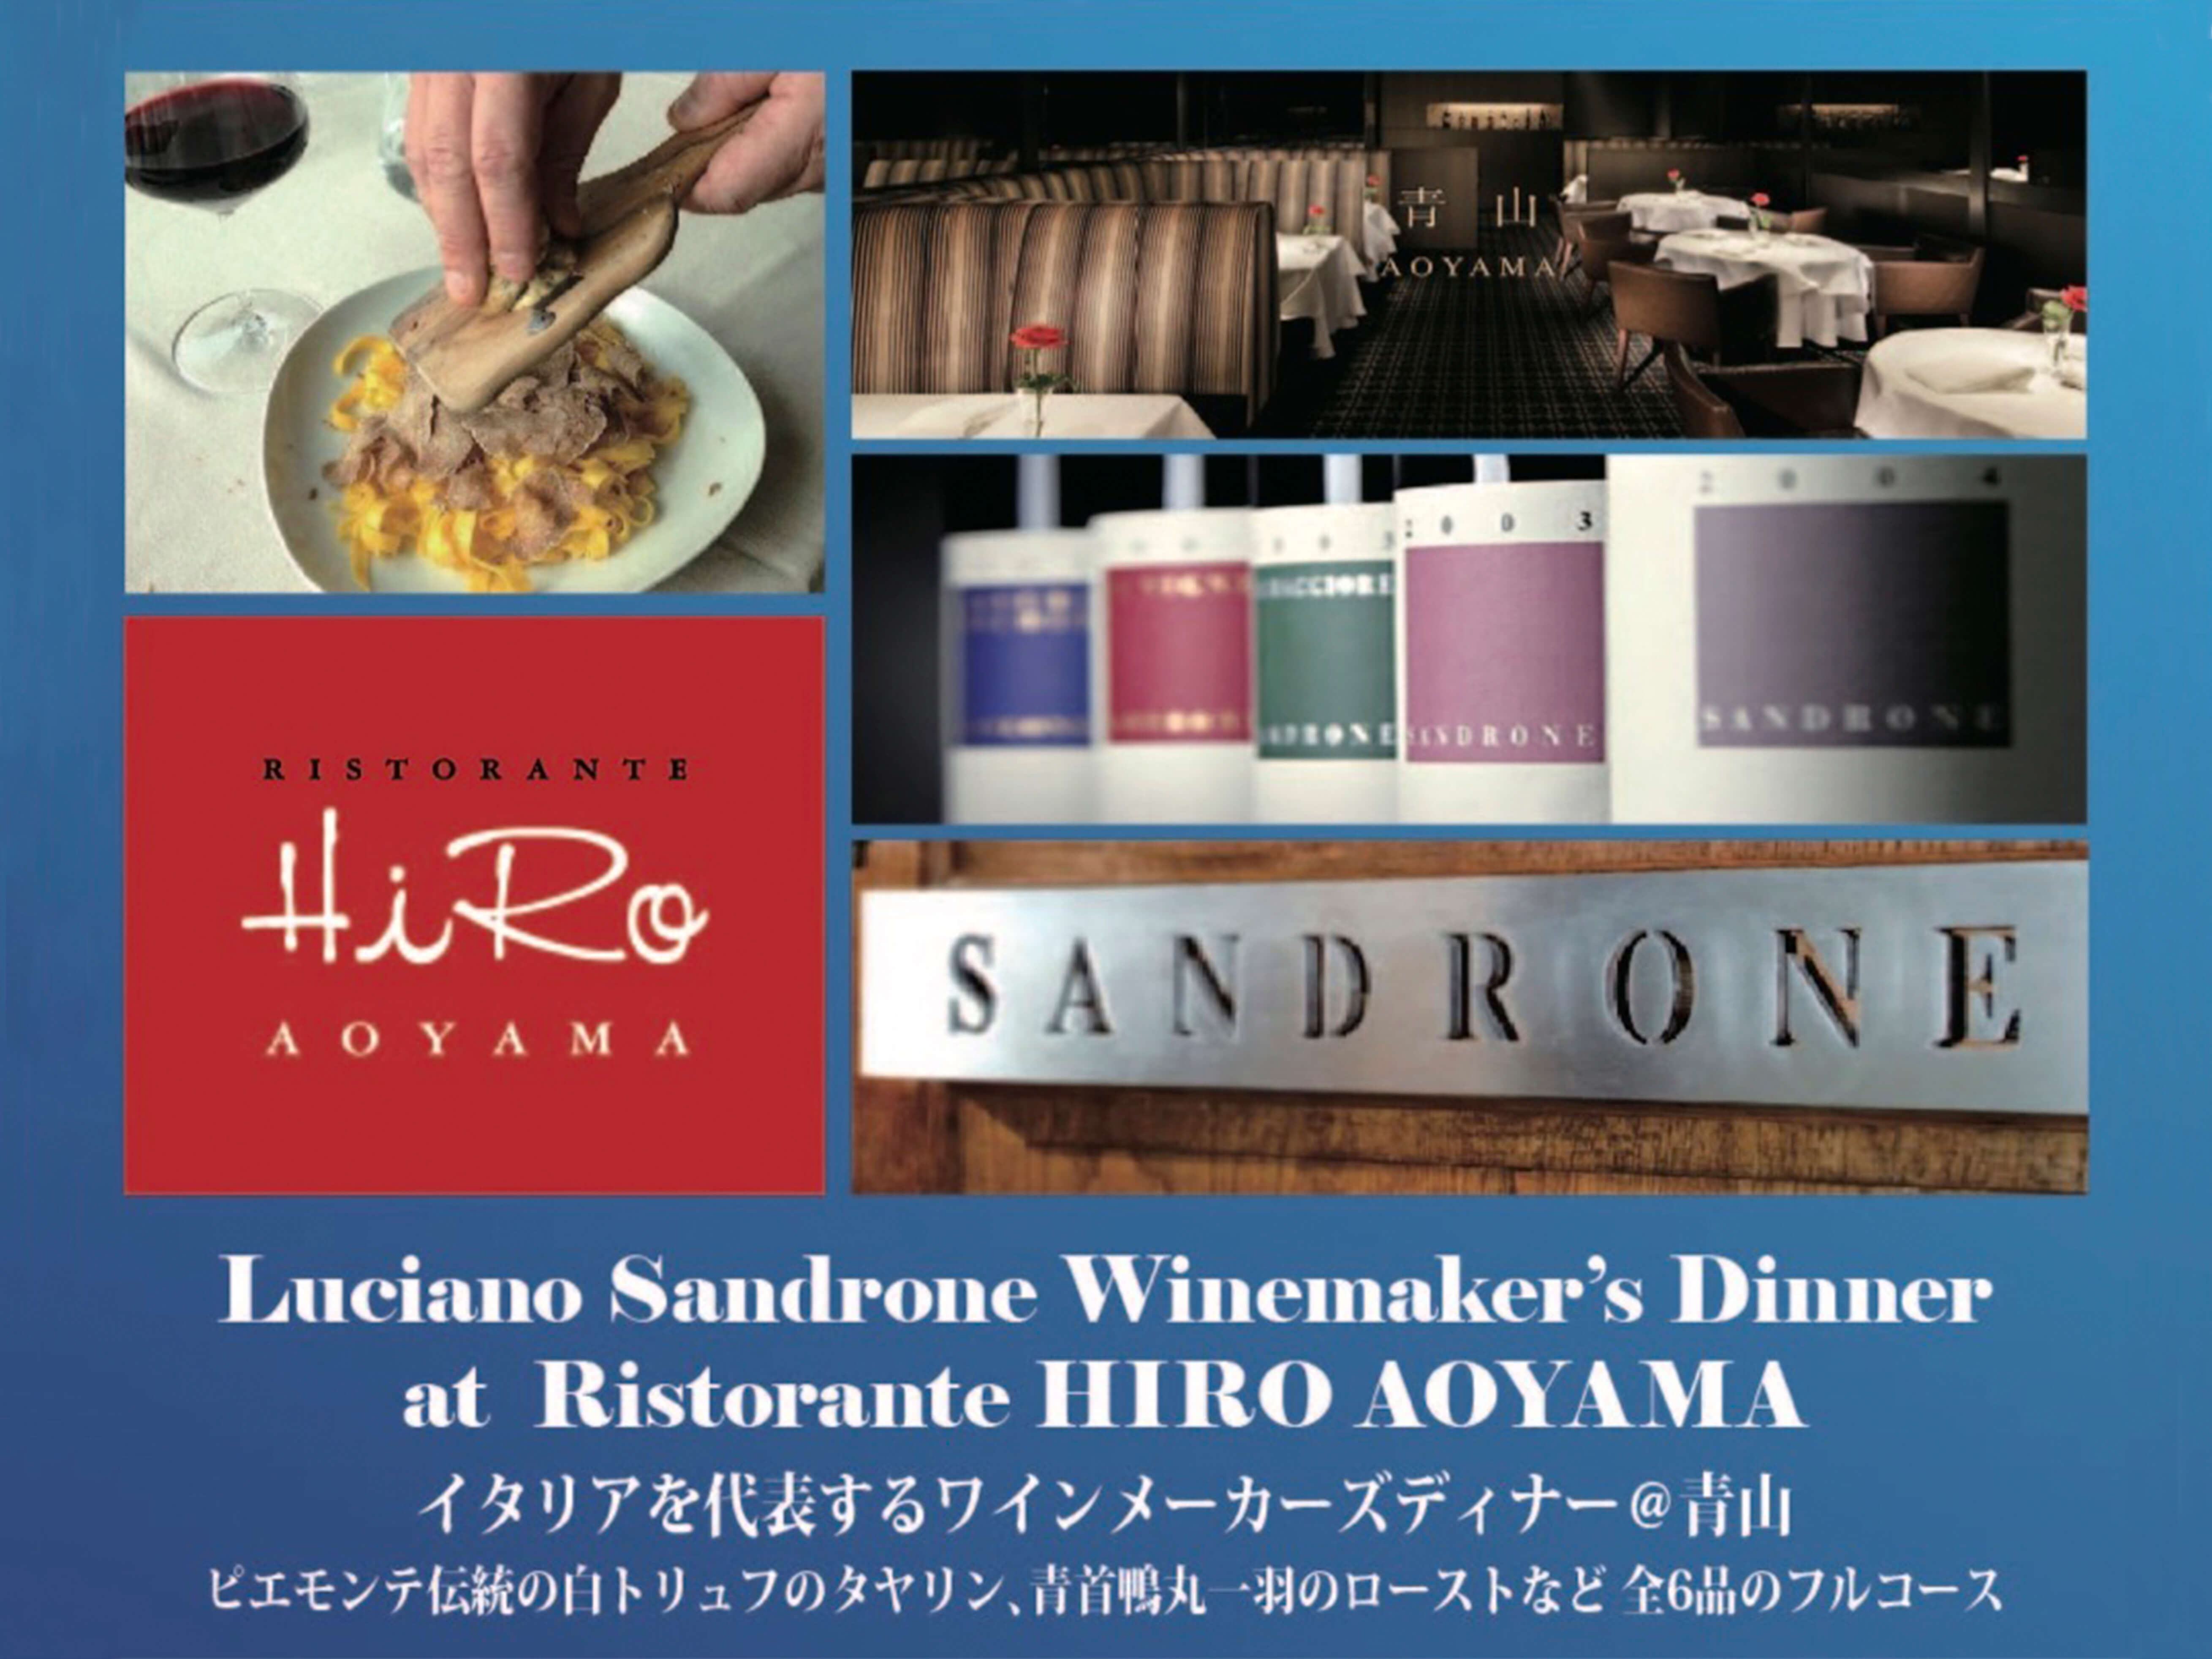 「ルチアーノ・サンドローネ社 メーカーズディナー」のイメージ写真